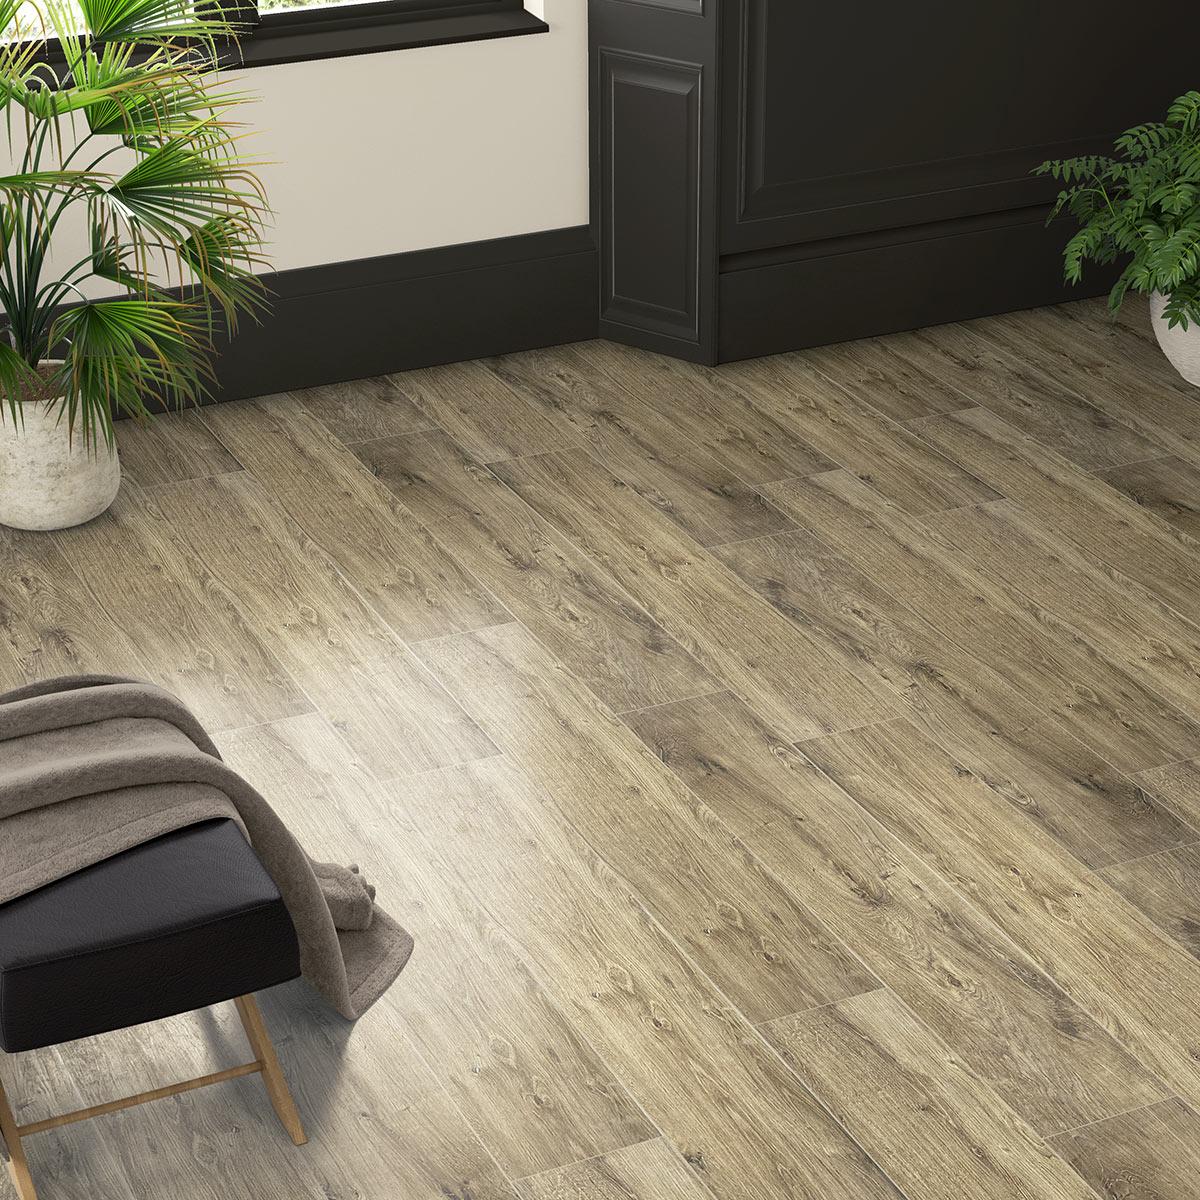 Roverwood Timber look tiles